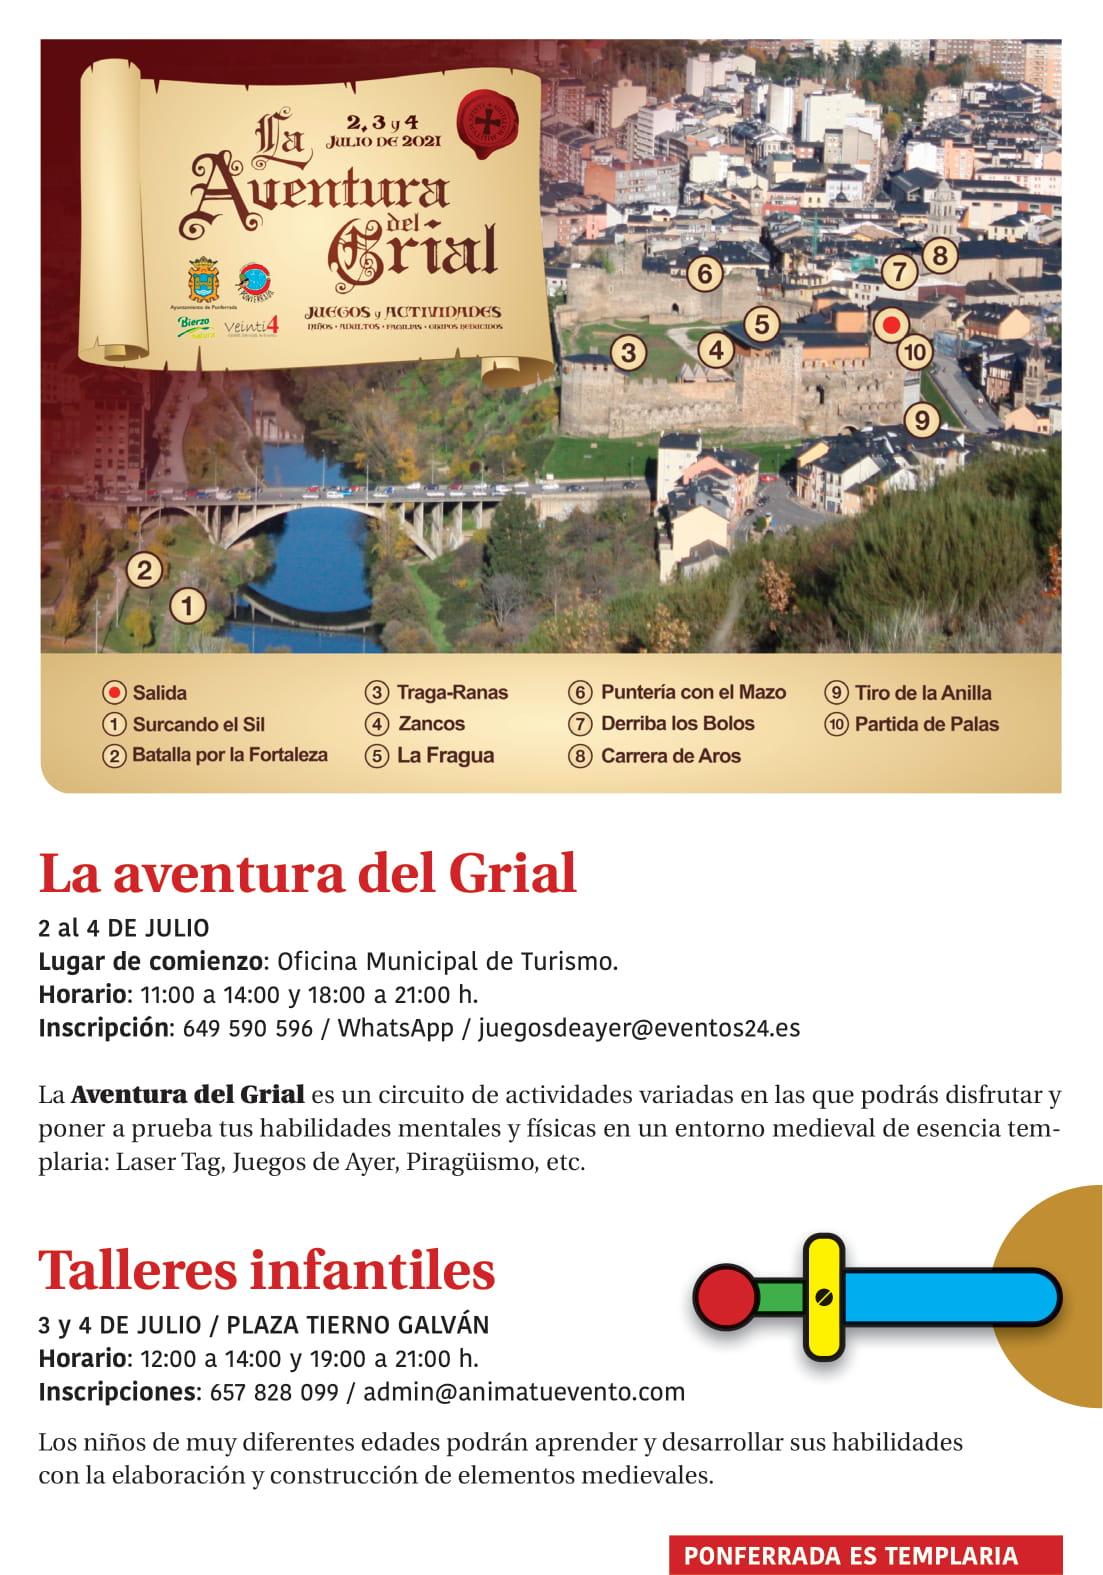 Ponferrada será... música, cultura, monumentos, turismo y más durante el verano de 2021 6